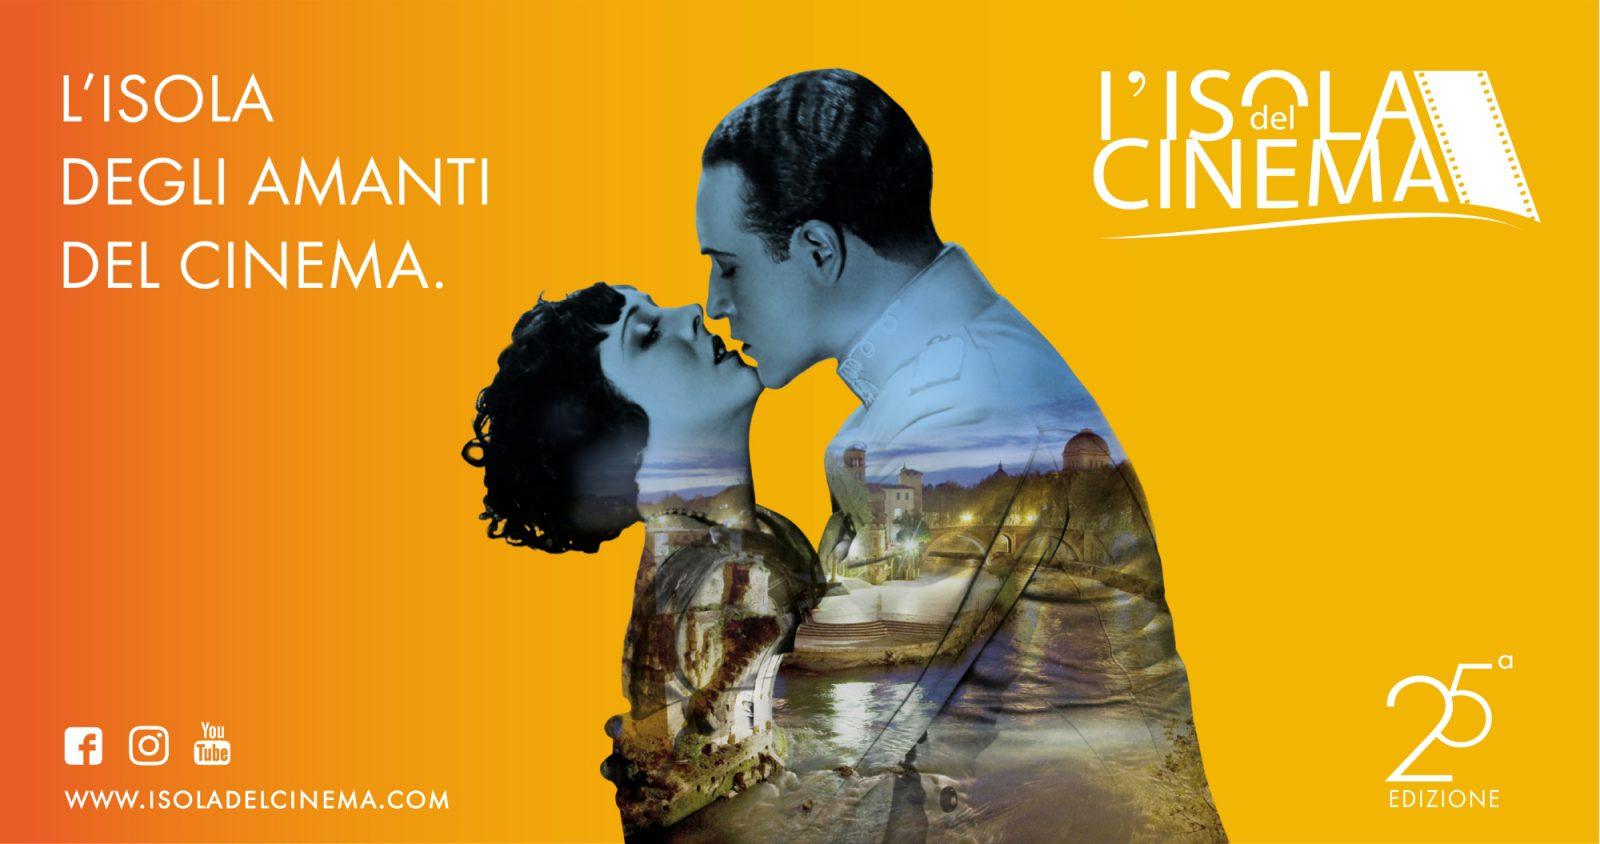 L'Isola del Cinema 2019 Imc